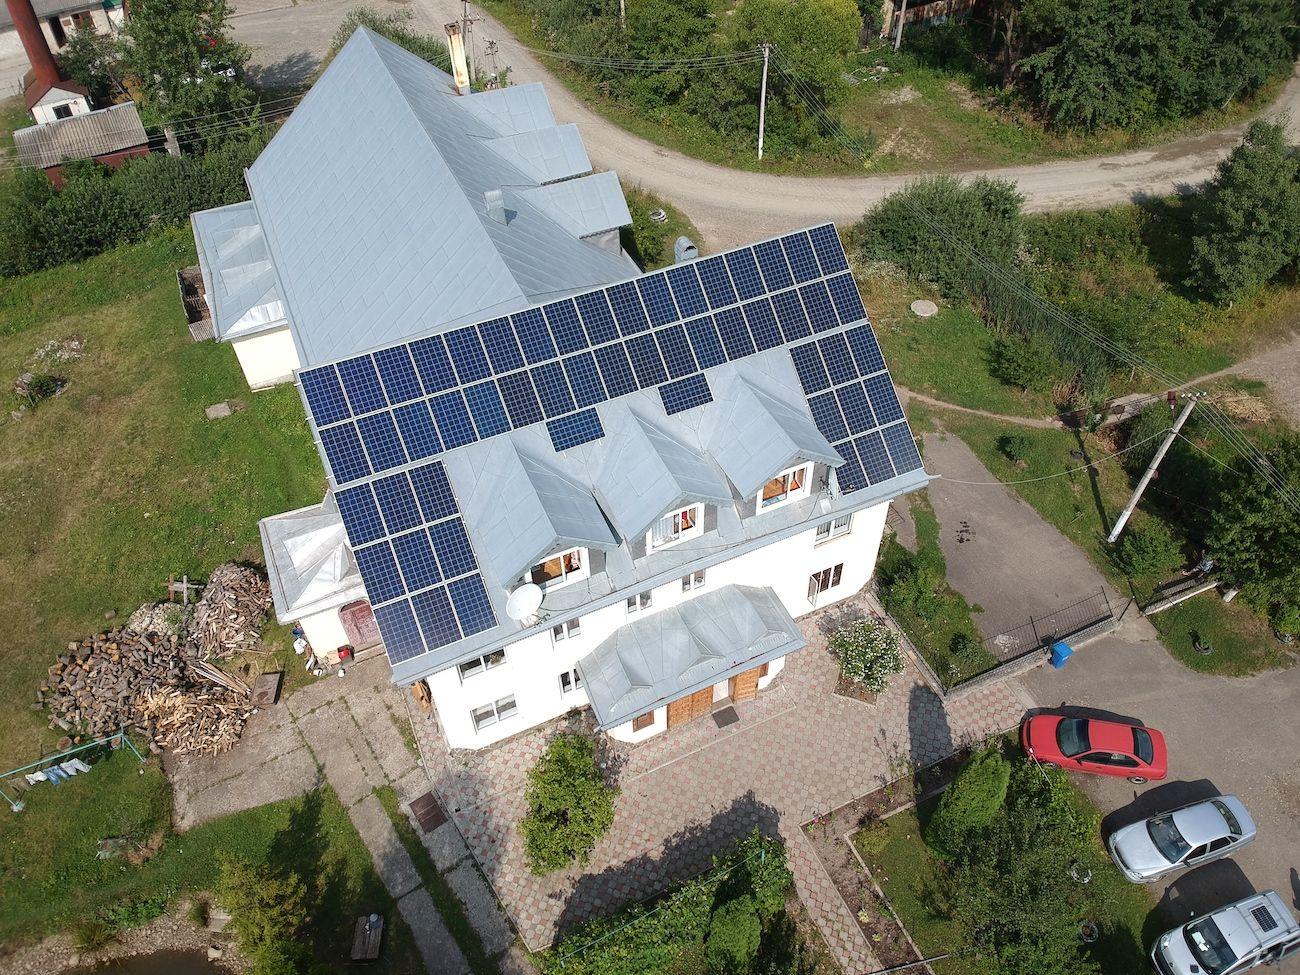 Сонячну електростанцію для дому потужністю 15 кВт встановлено в Коломиї 2